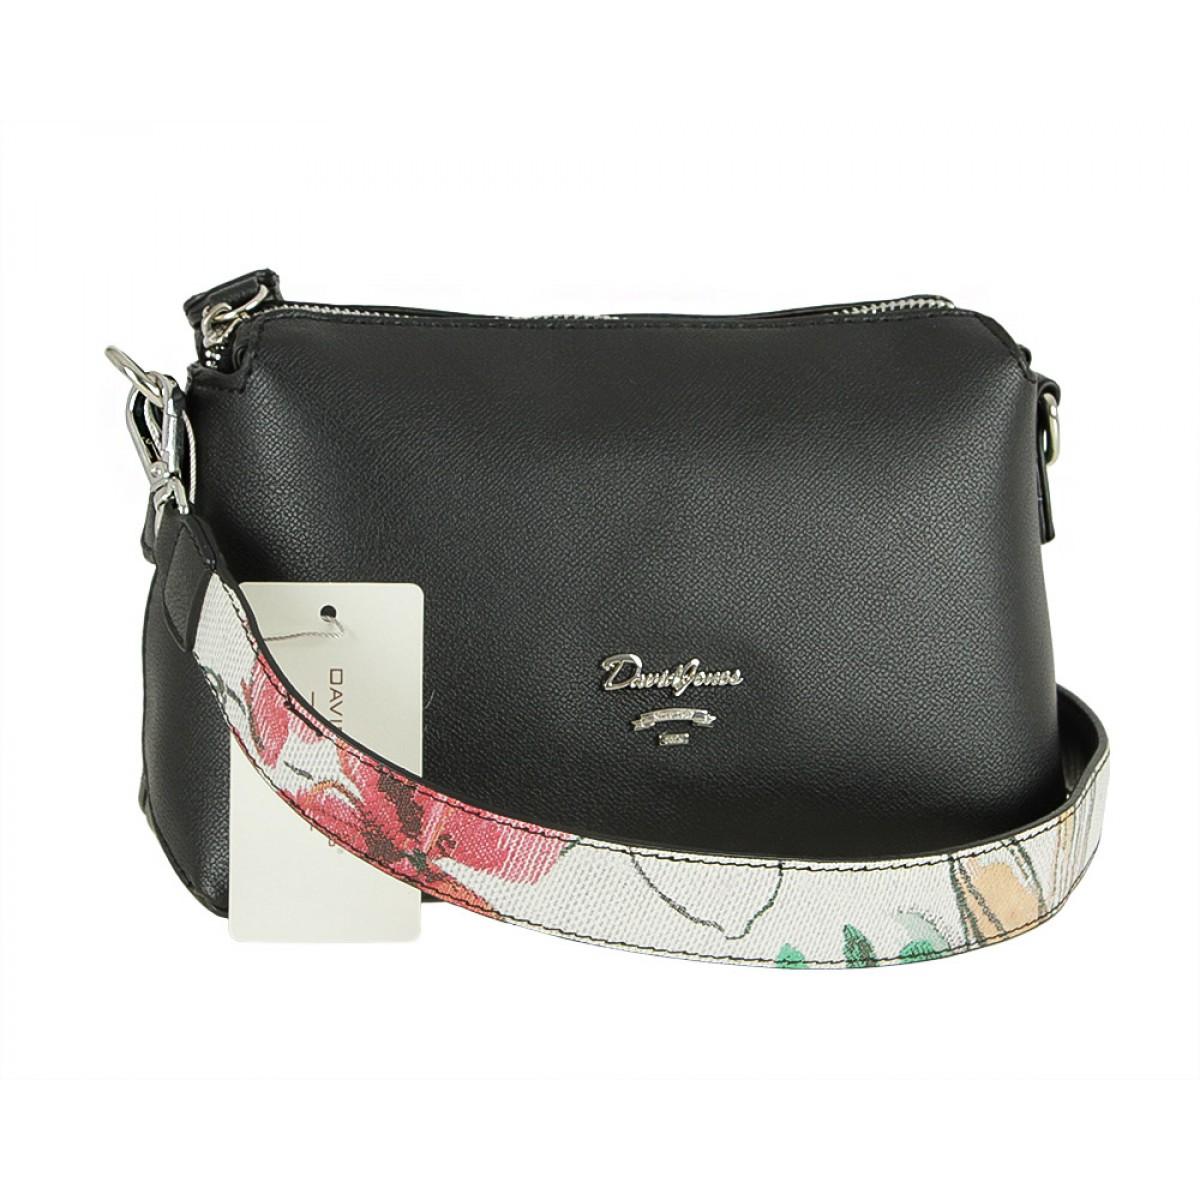 Жіноча сумка David Jones 5912-1 BLACK